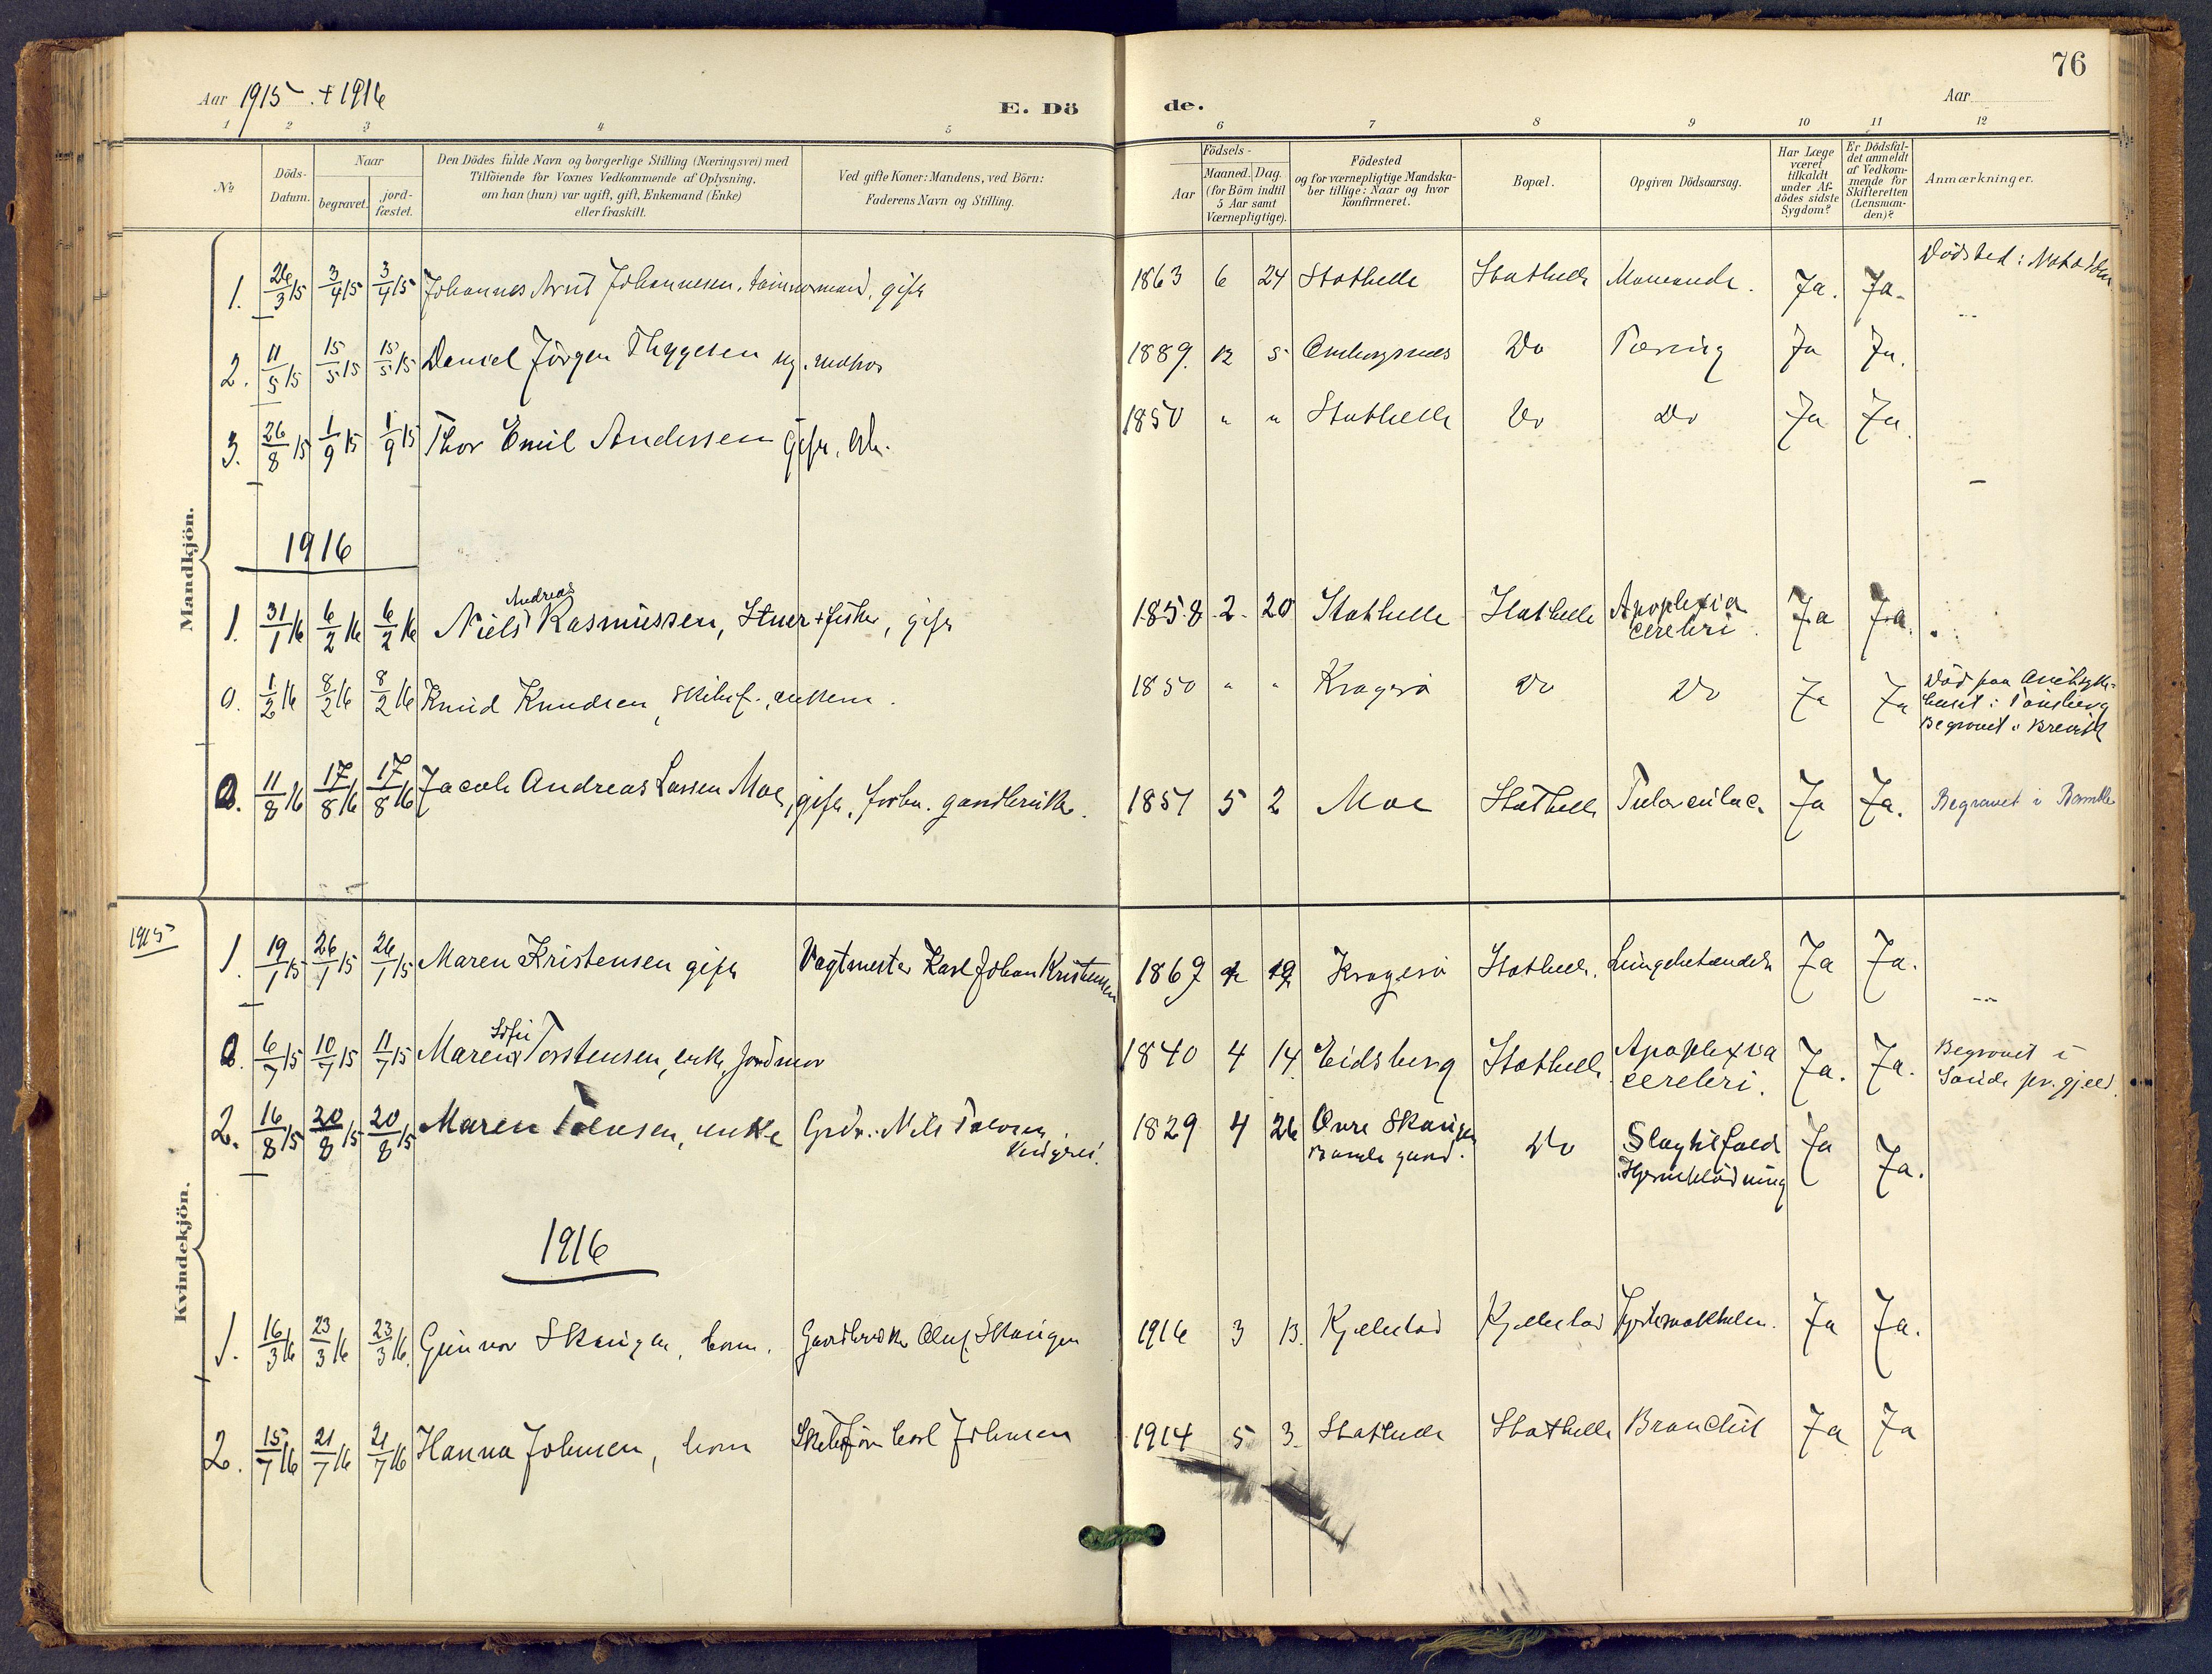 SAKO, Bamble kirkebøker, F/Fb/L0002: Ministerialbok nr. II 2, 1900-1921, s. 76